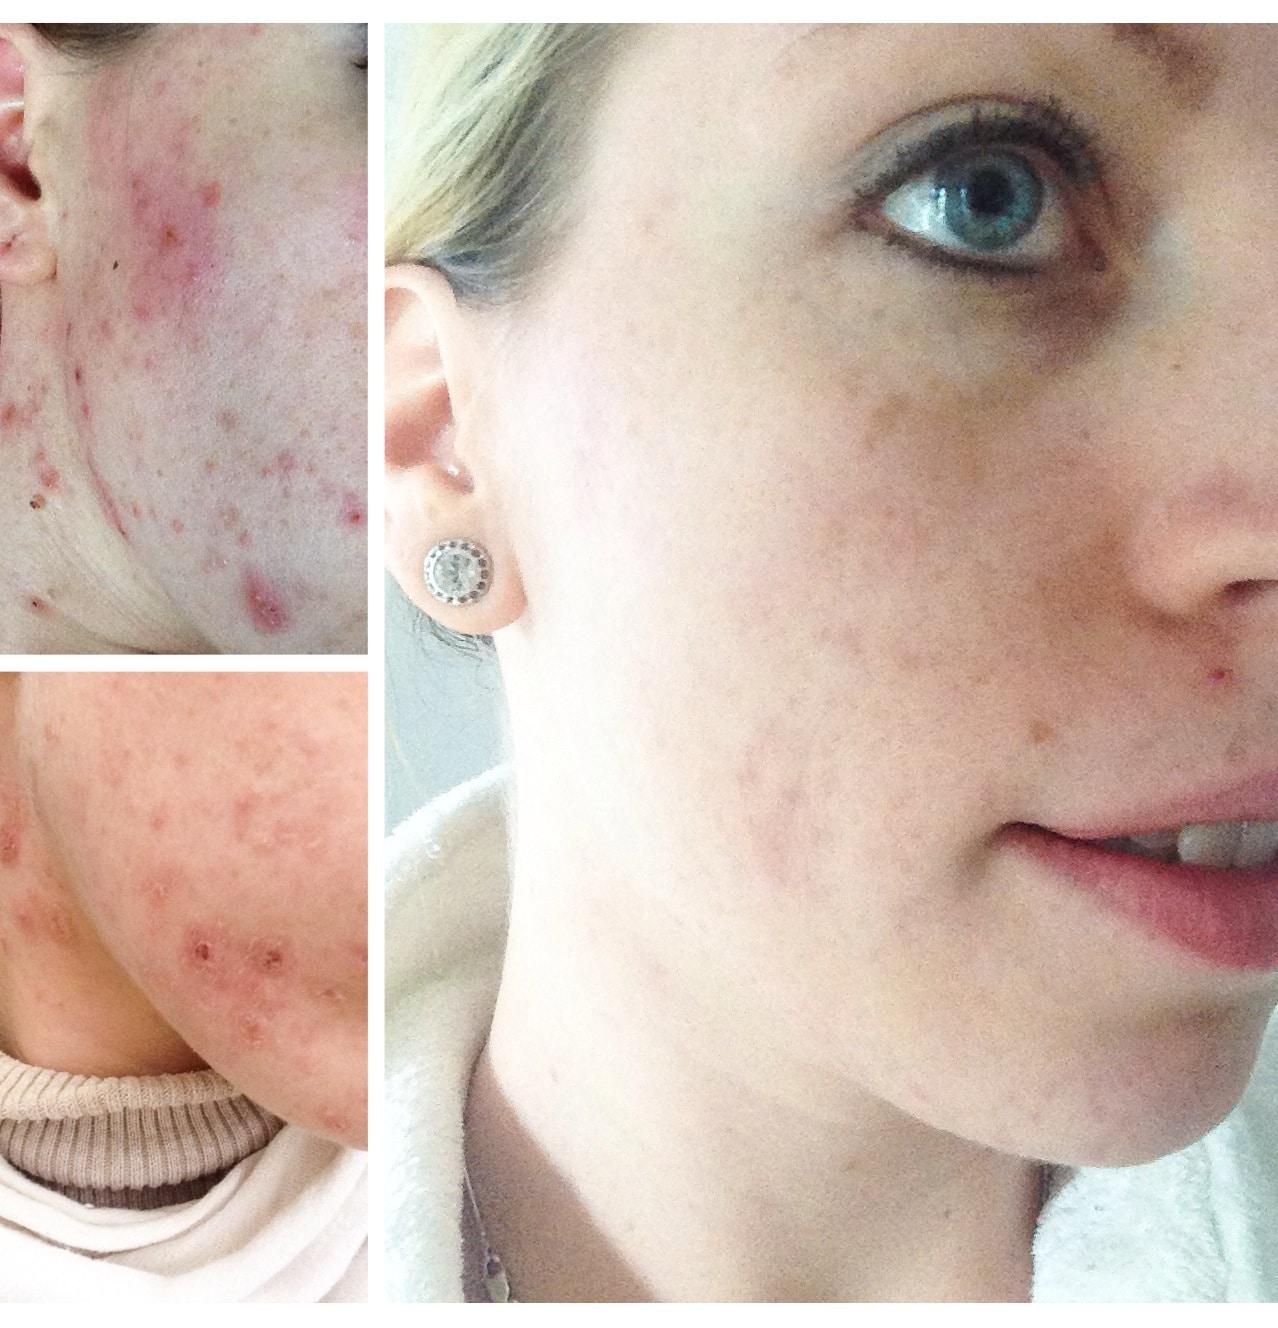 Haut: Akne vorher nachher